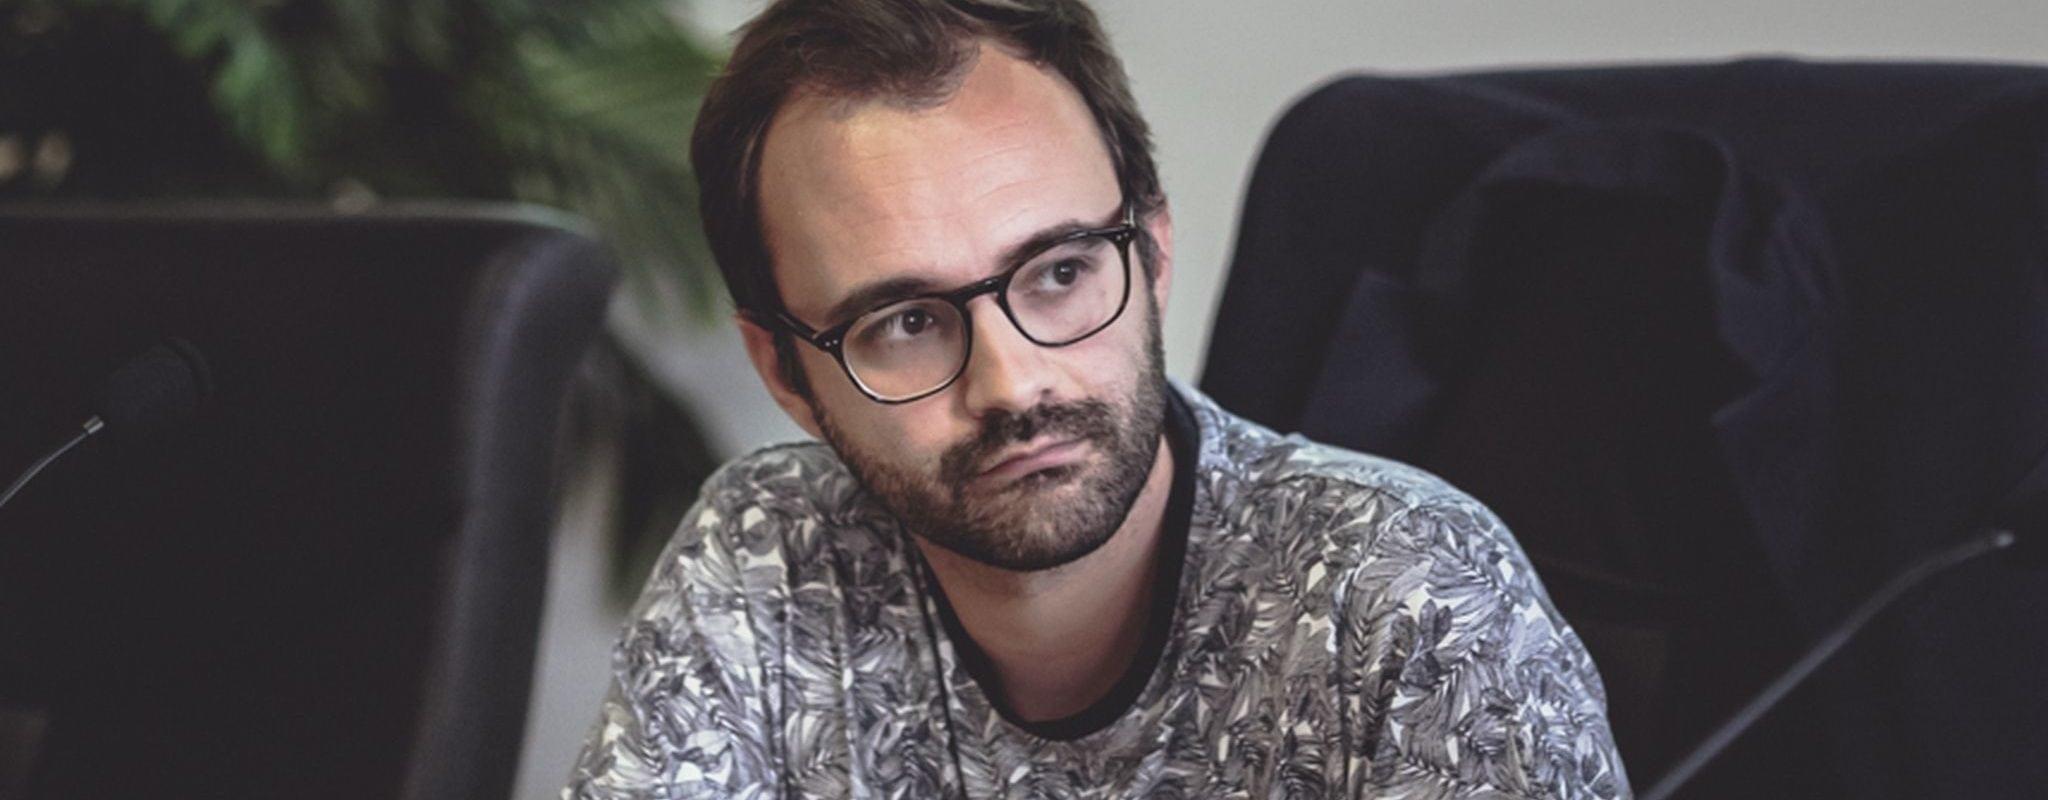 «Pour mobiliser les gens, toujours pas de baguette magique», en débat au Shadok